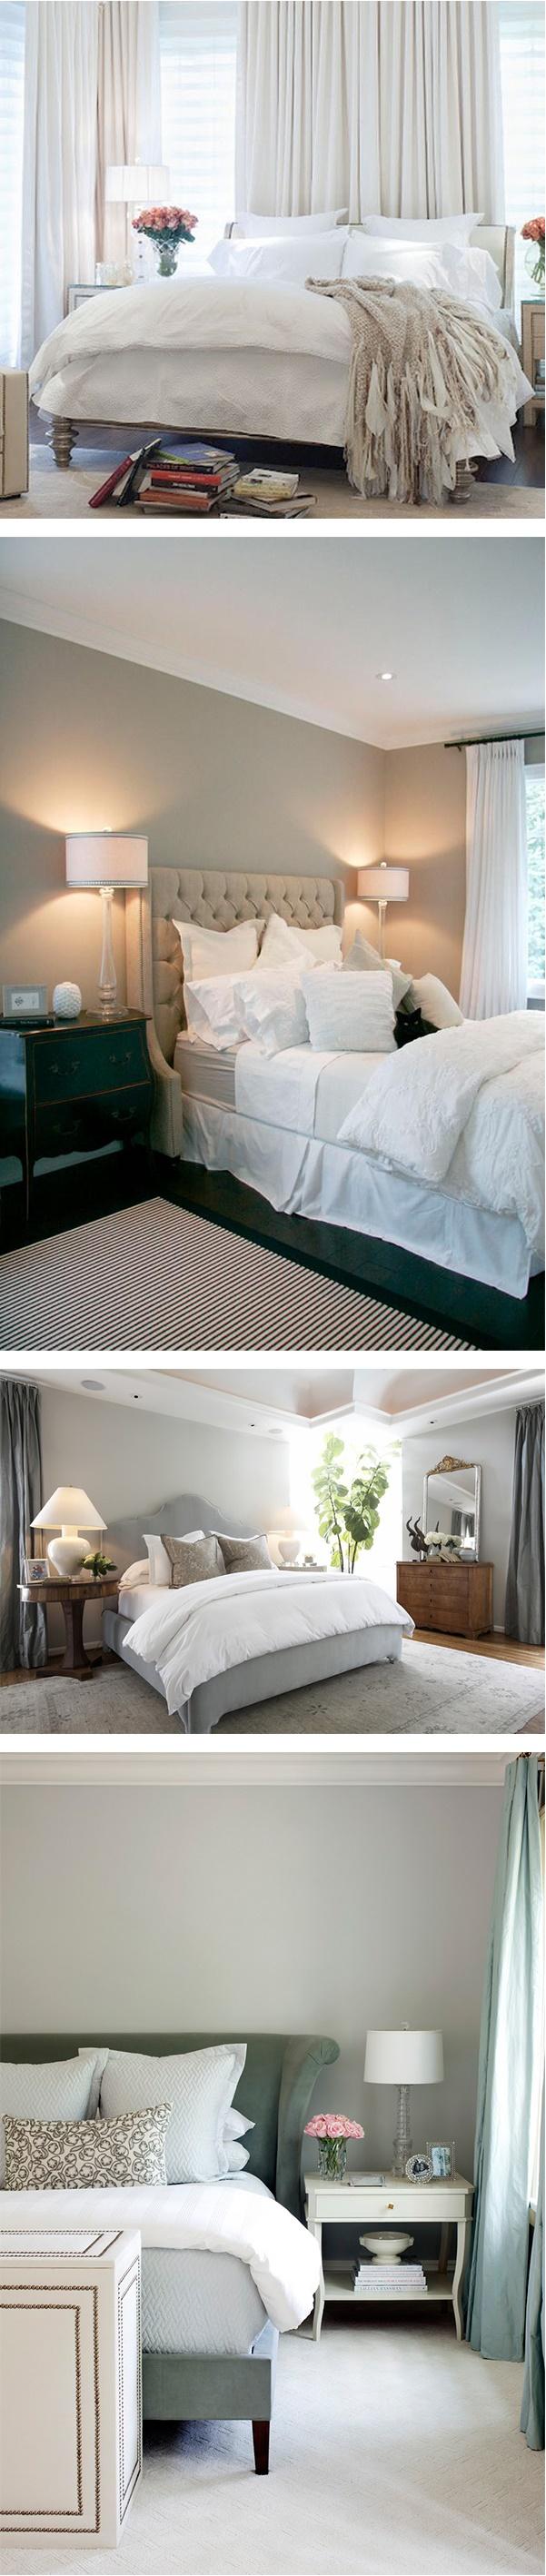 combinar a colcha com a decoração do quarto 3